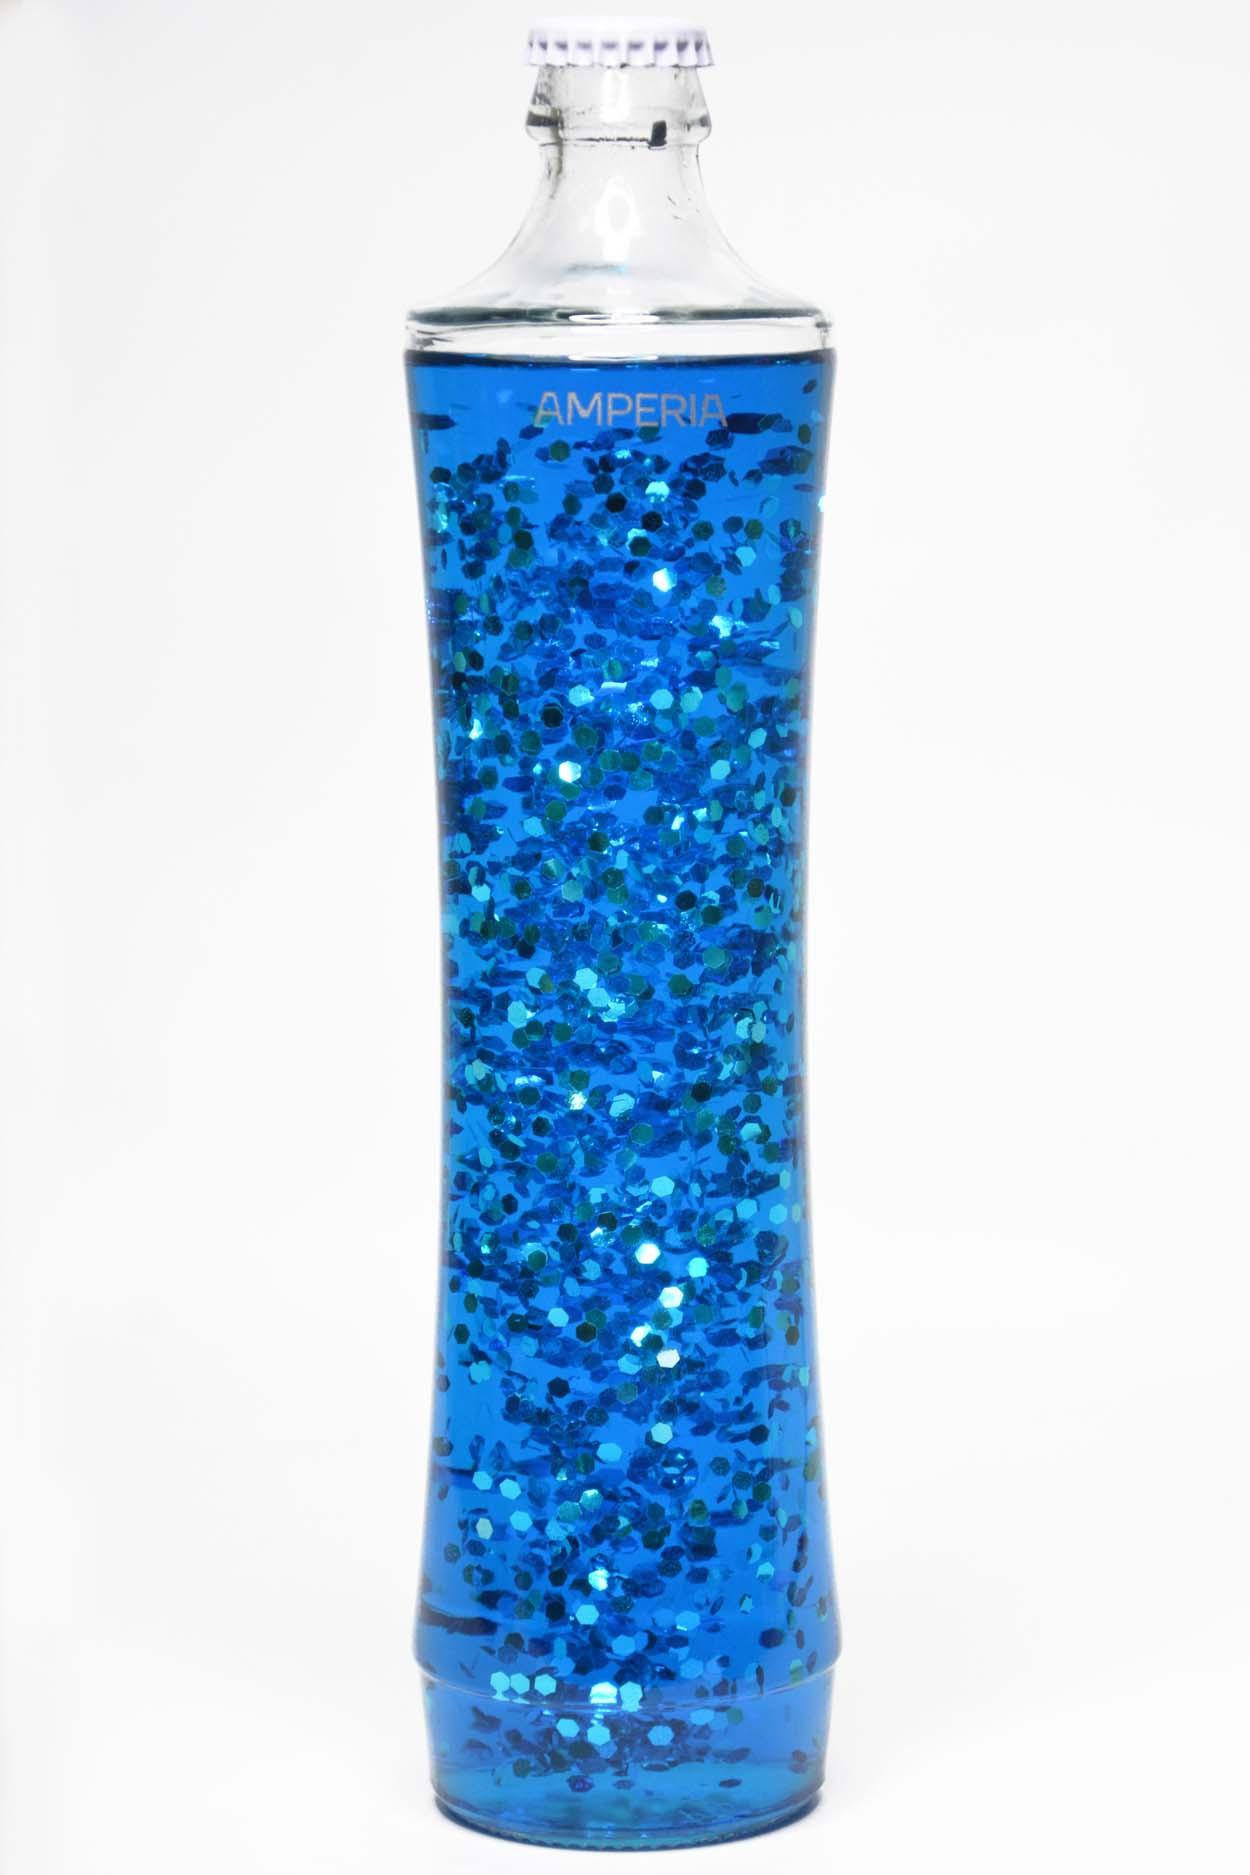 Колба Amperia для лава лампы Grace (39 см) Сияние Синее (27*7)